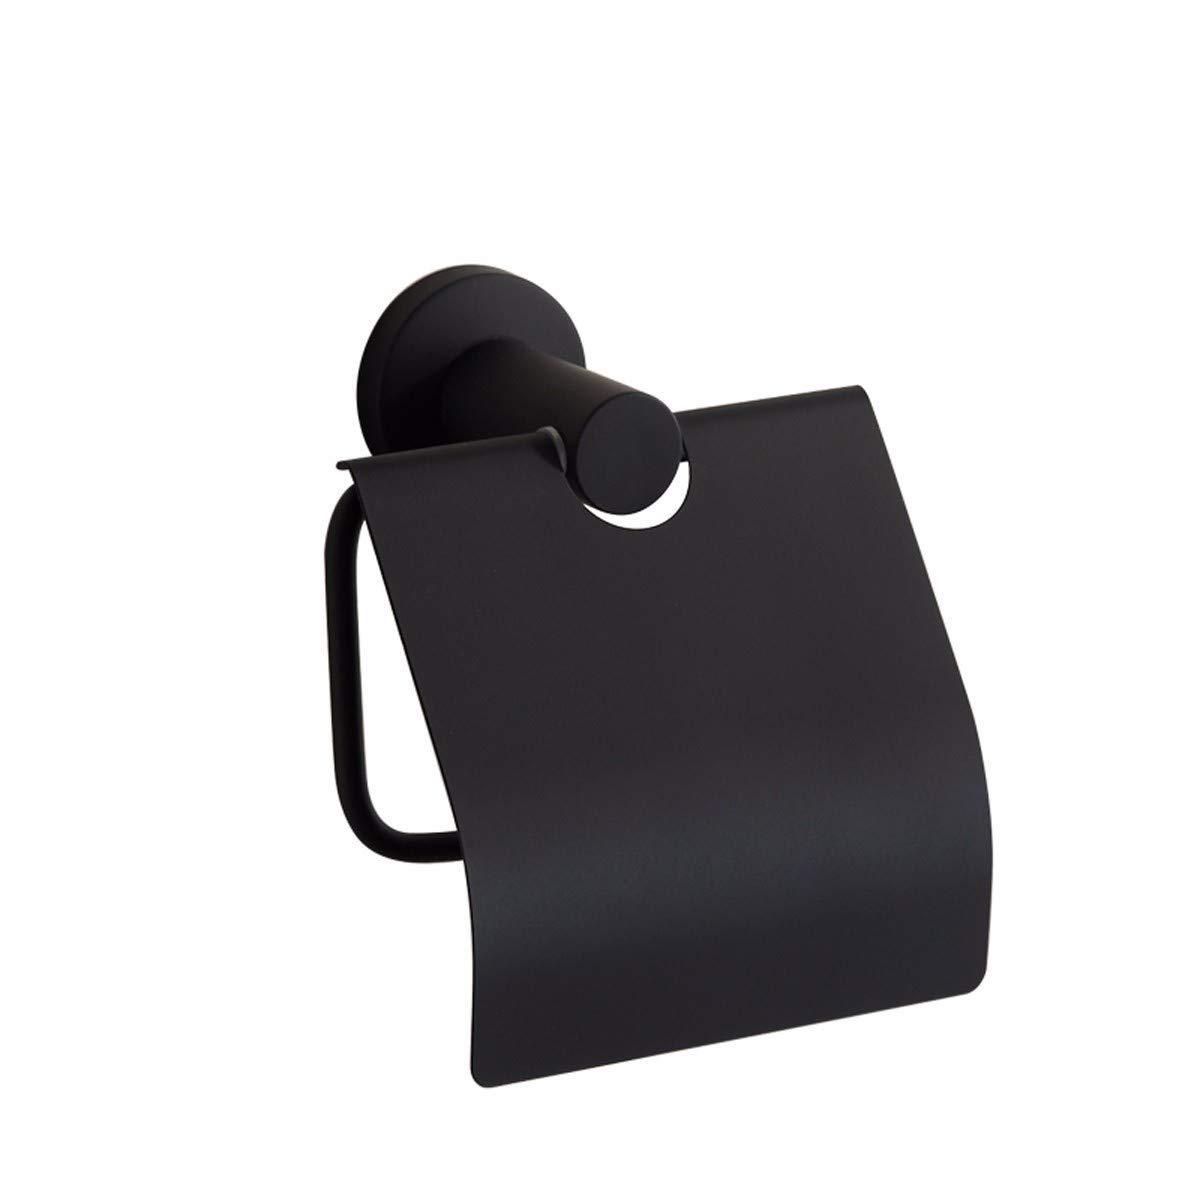 FYERBU-Non Perforated Black Simplified 304 Stainless Steel Towel Rack Toilet Lid Roll Paper Rack Pendant